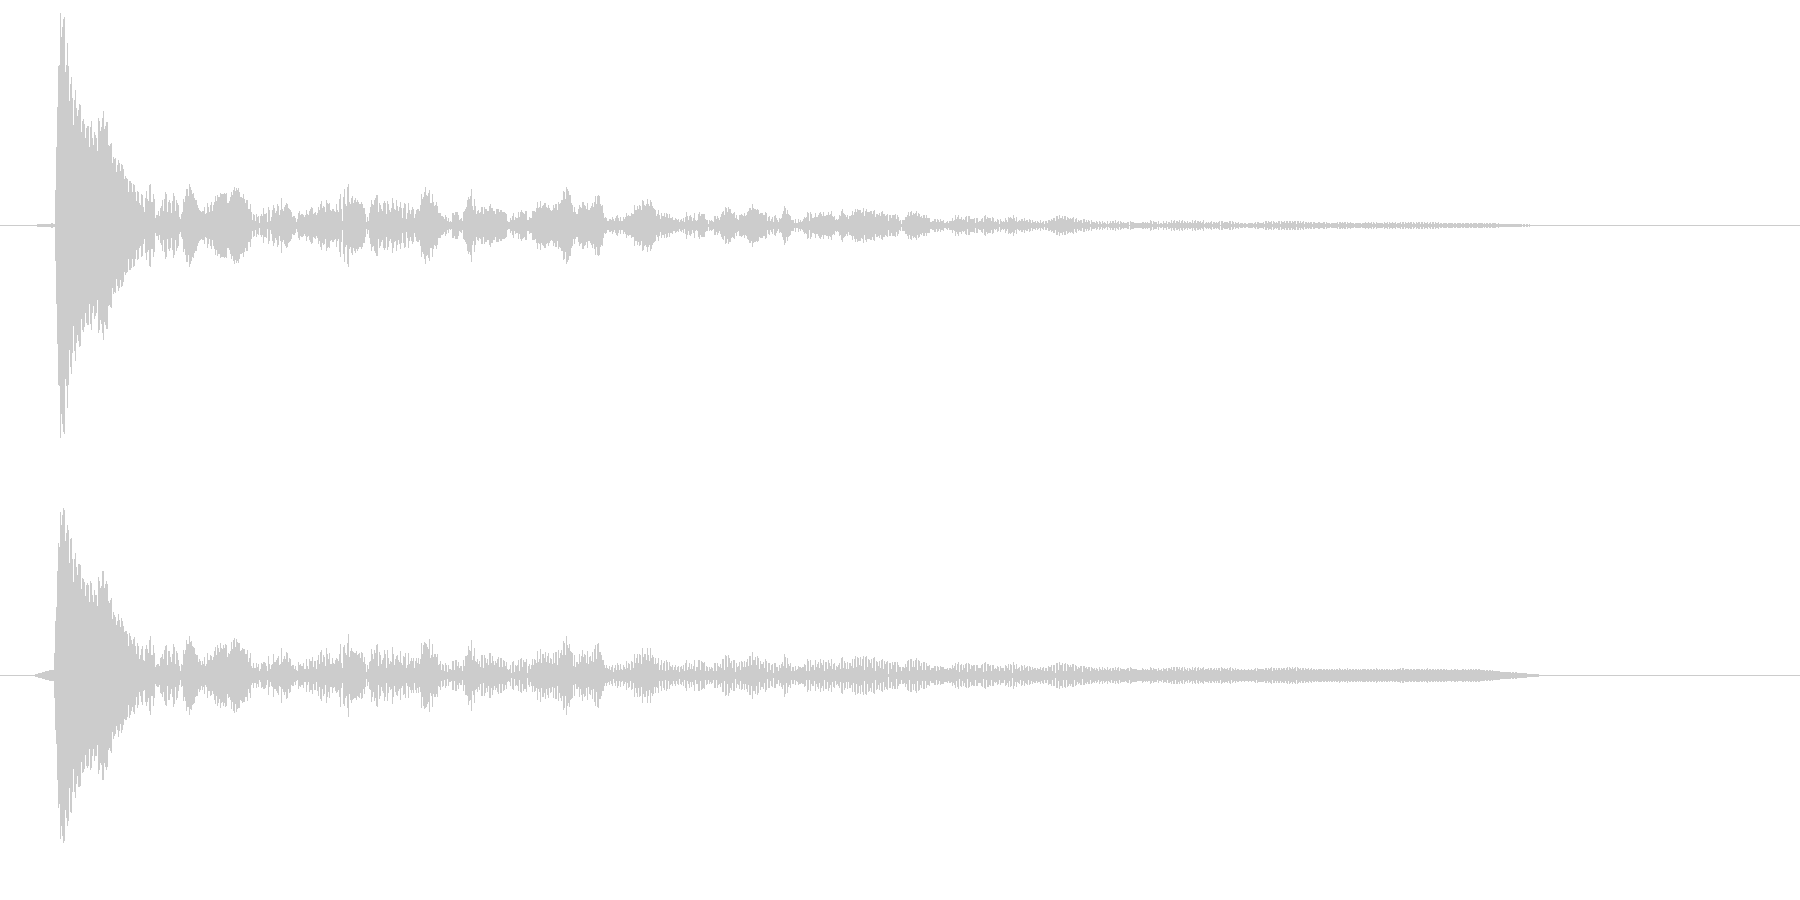 コン(固い木材の音色)の未再生の波形